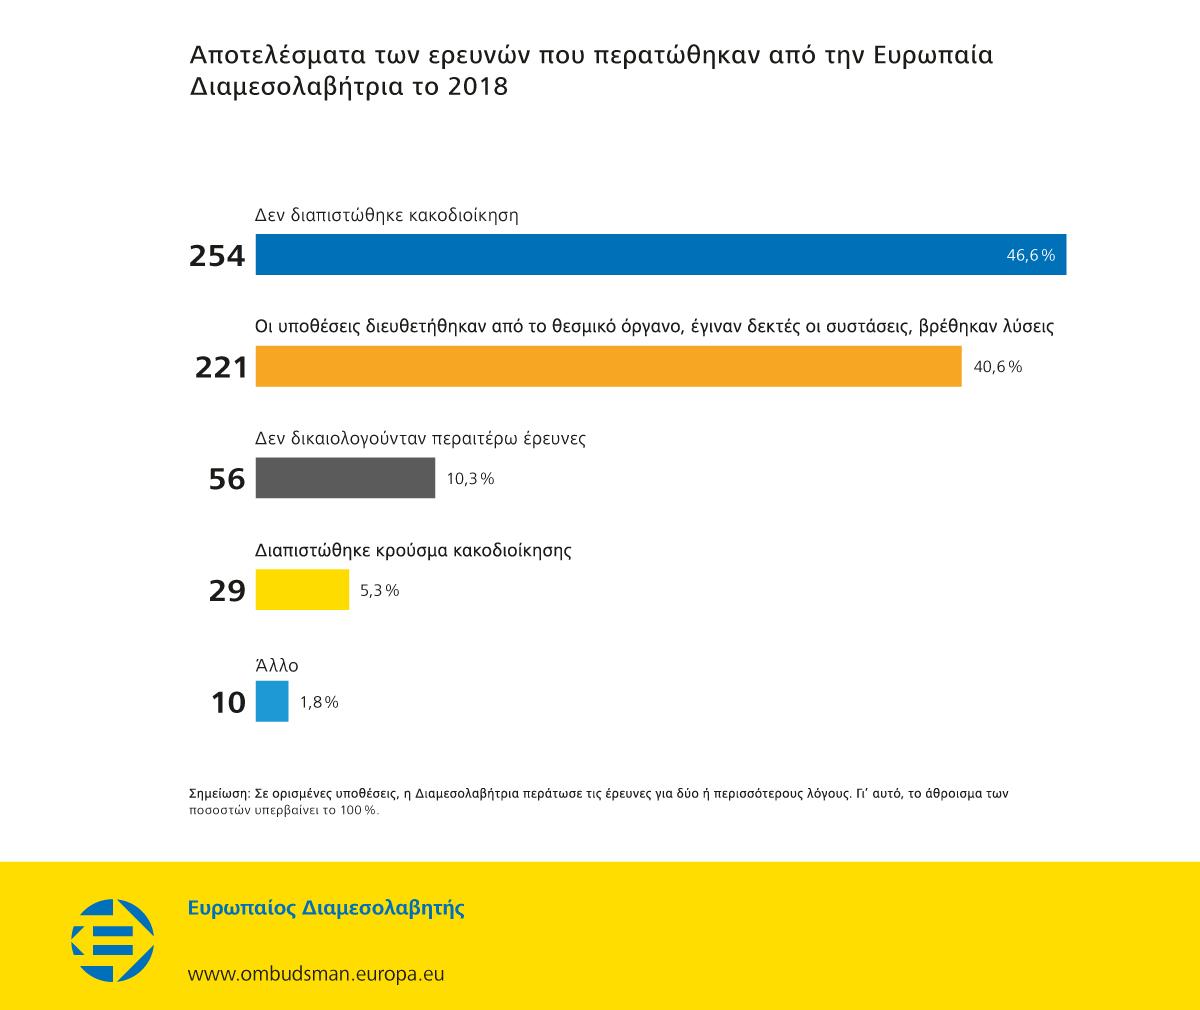 Αποτελέσματα των ερευνών που περατώθηκαν από την Ευρωπαία Διαμεσολαβήτρια το 2018